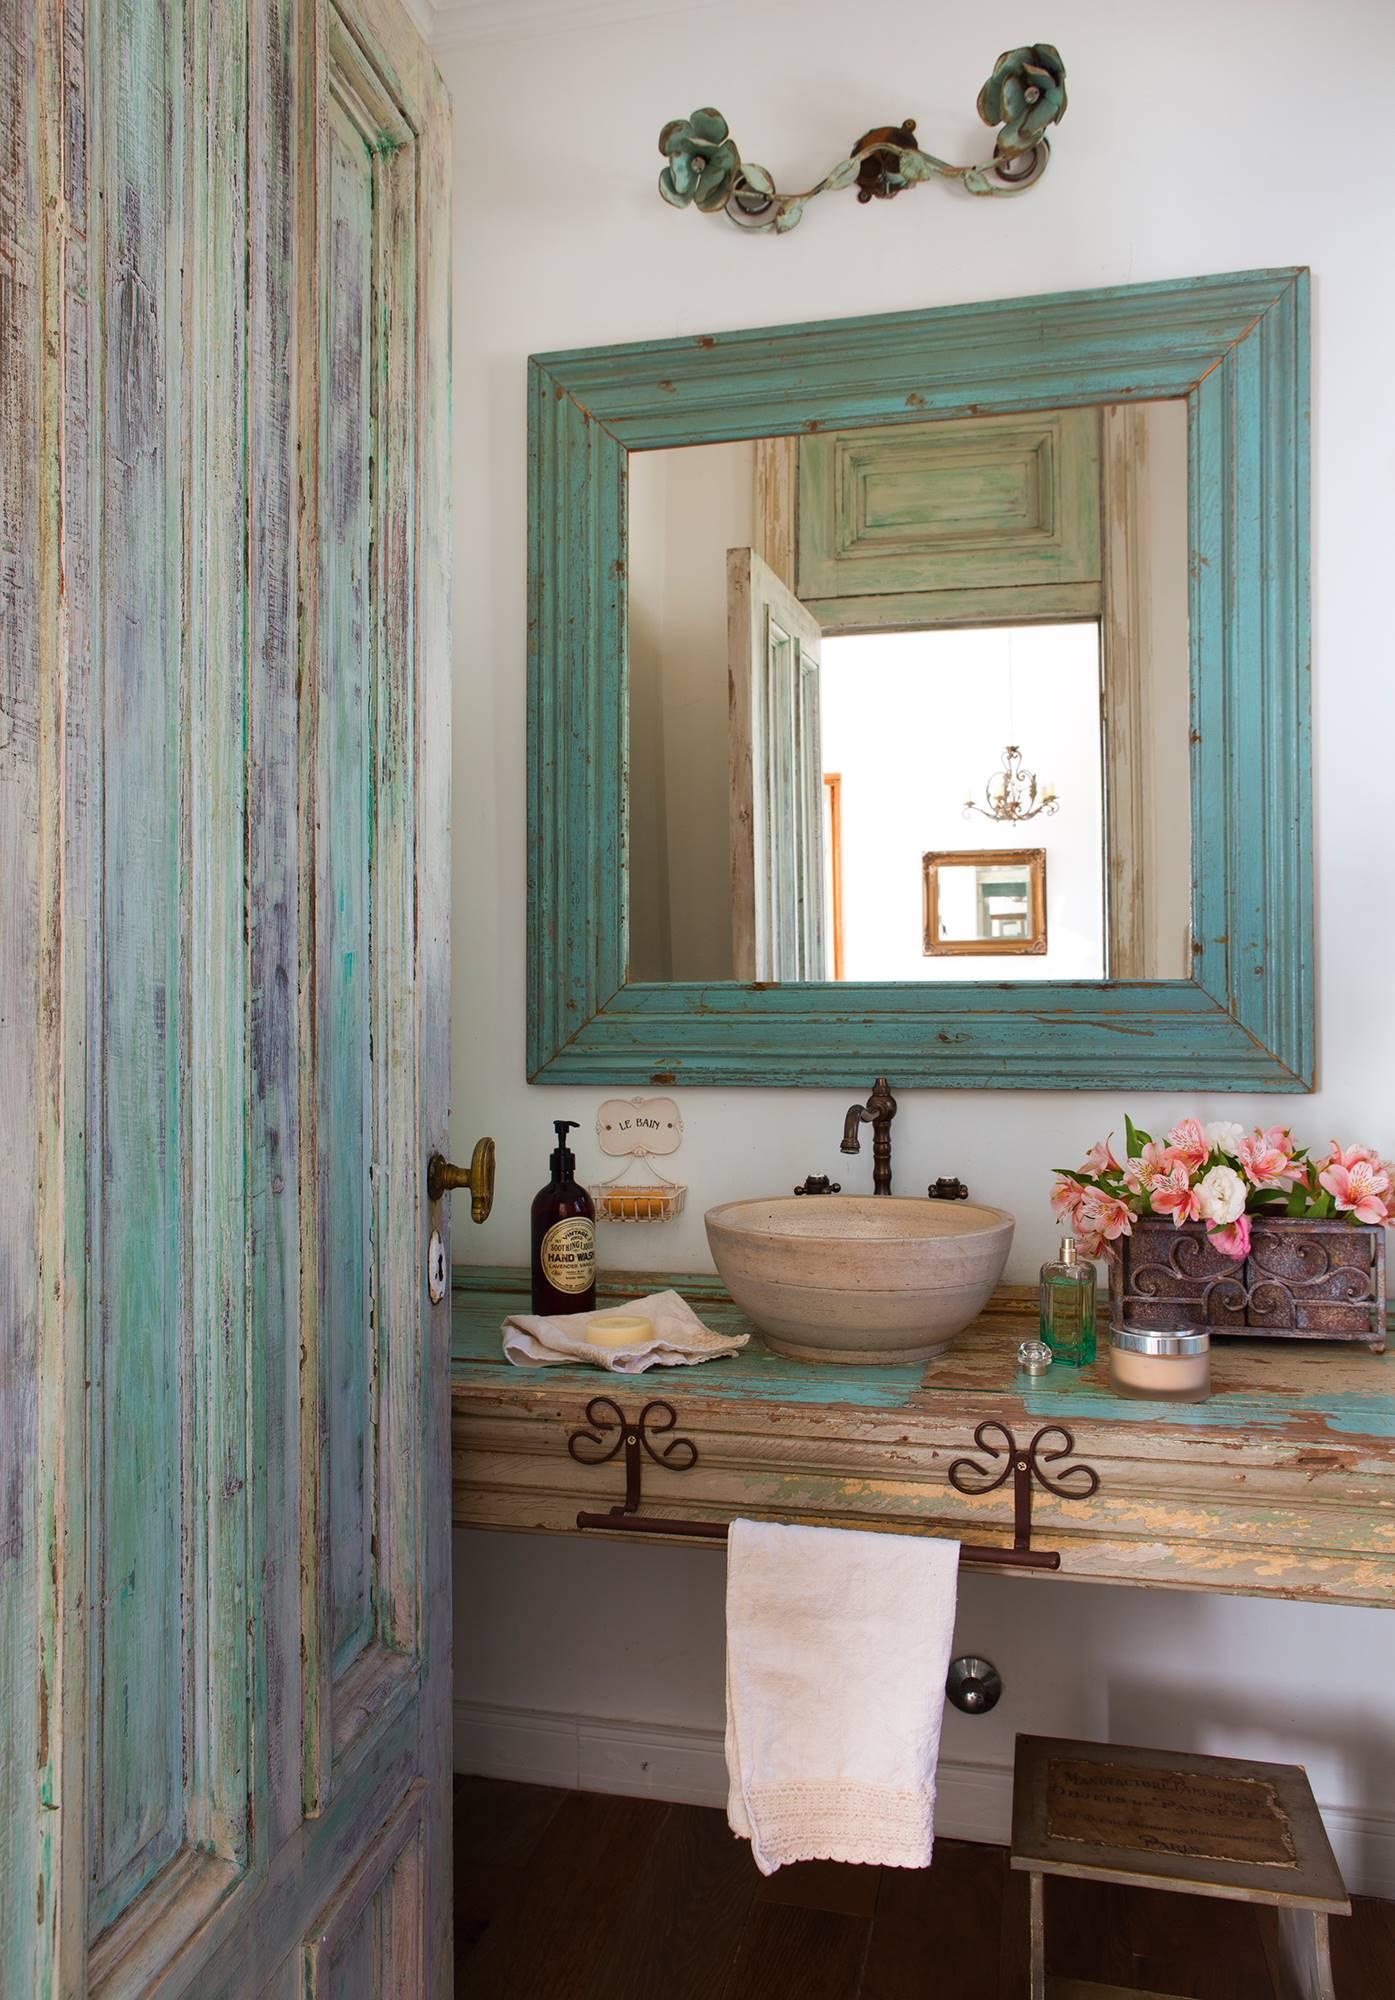 e82108f46027 Baño campestre vintage con espejo con marco de madera en verde azulado y  puerta en tonos